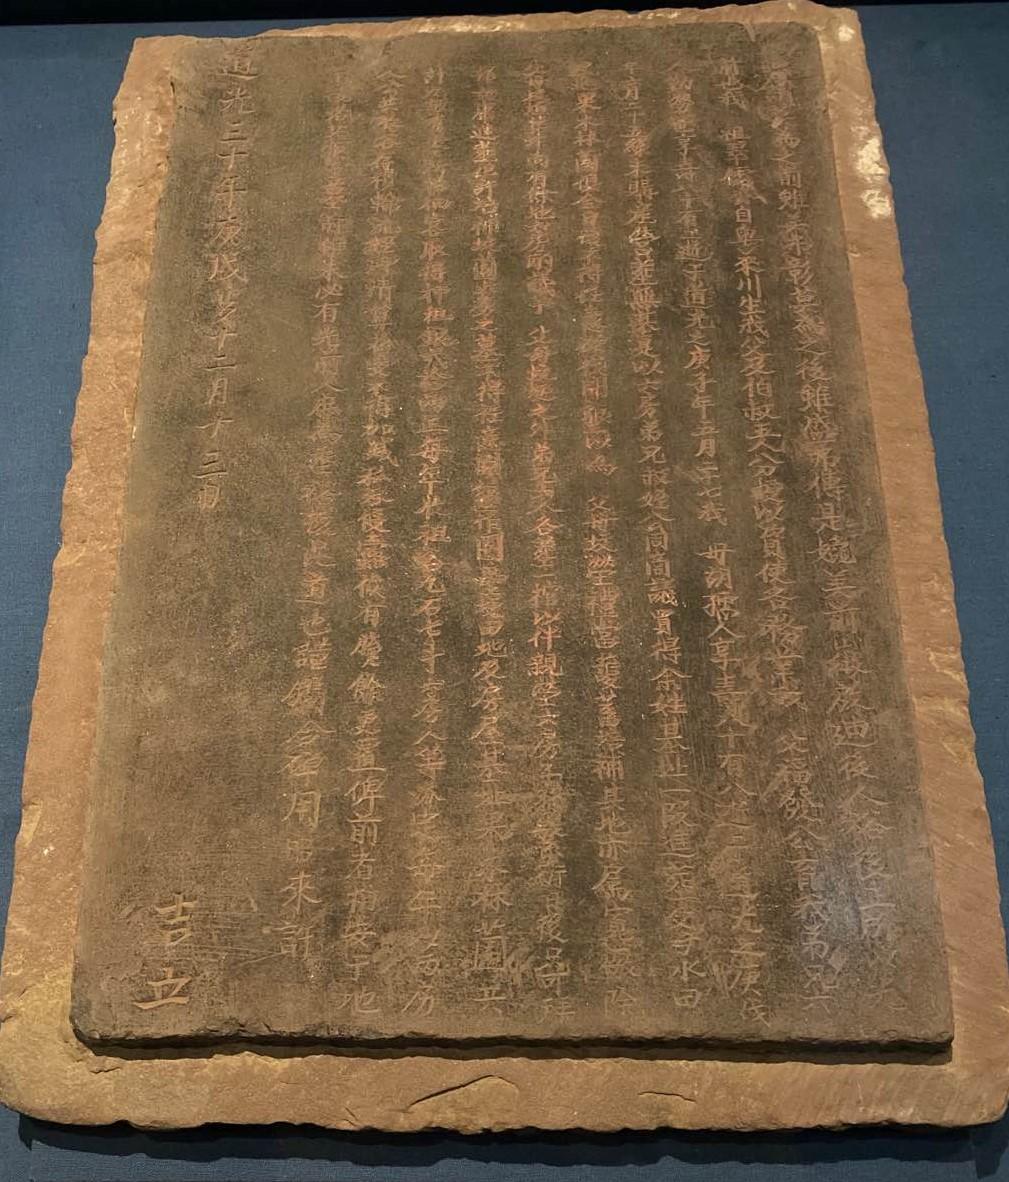 広東籍移民墓碑-明清時代-常設展F3-成都博物館